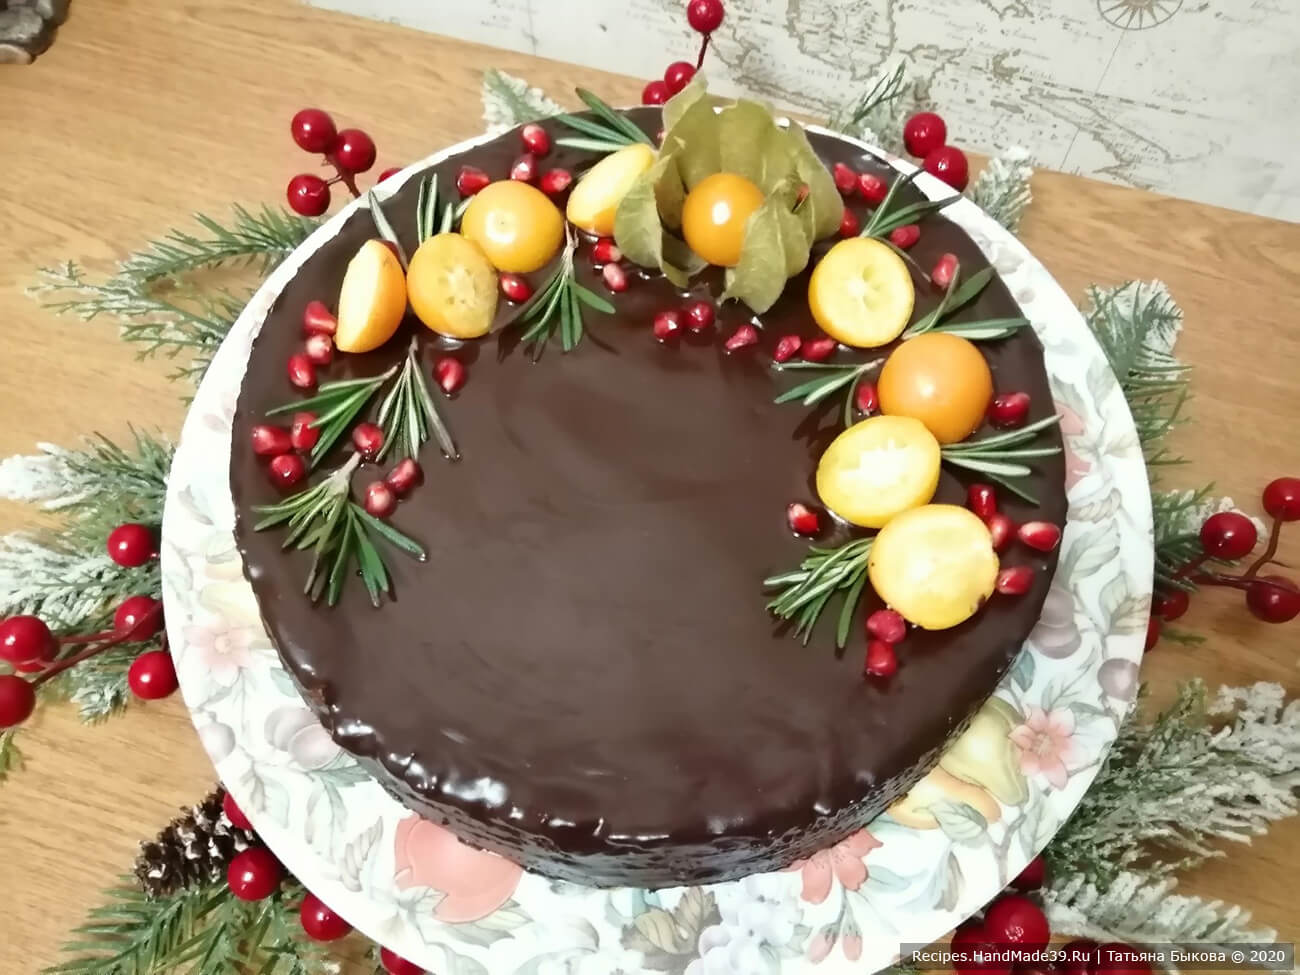 Получившийся баумкухен – немецкий «дерево-пирог» с апельсиновым джемом – украсить по желанию, приятного аппетита!